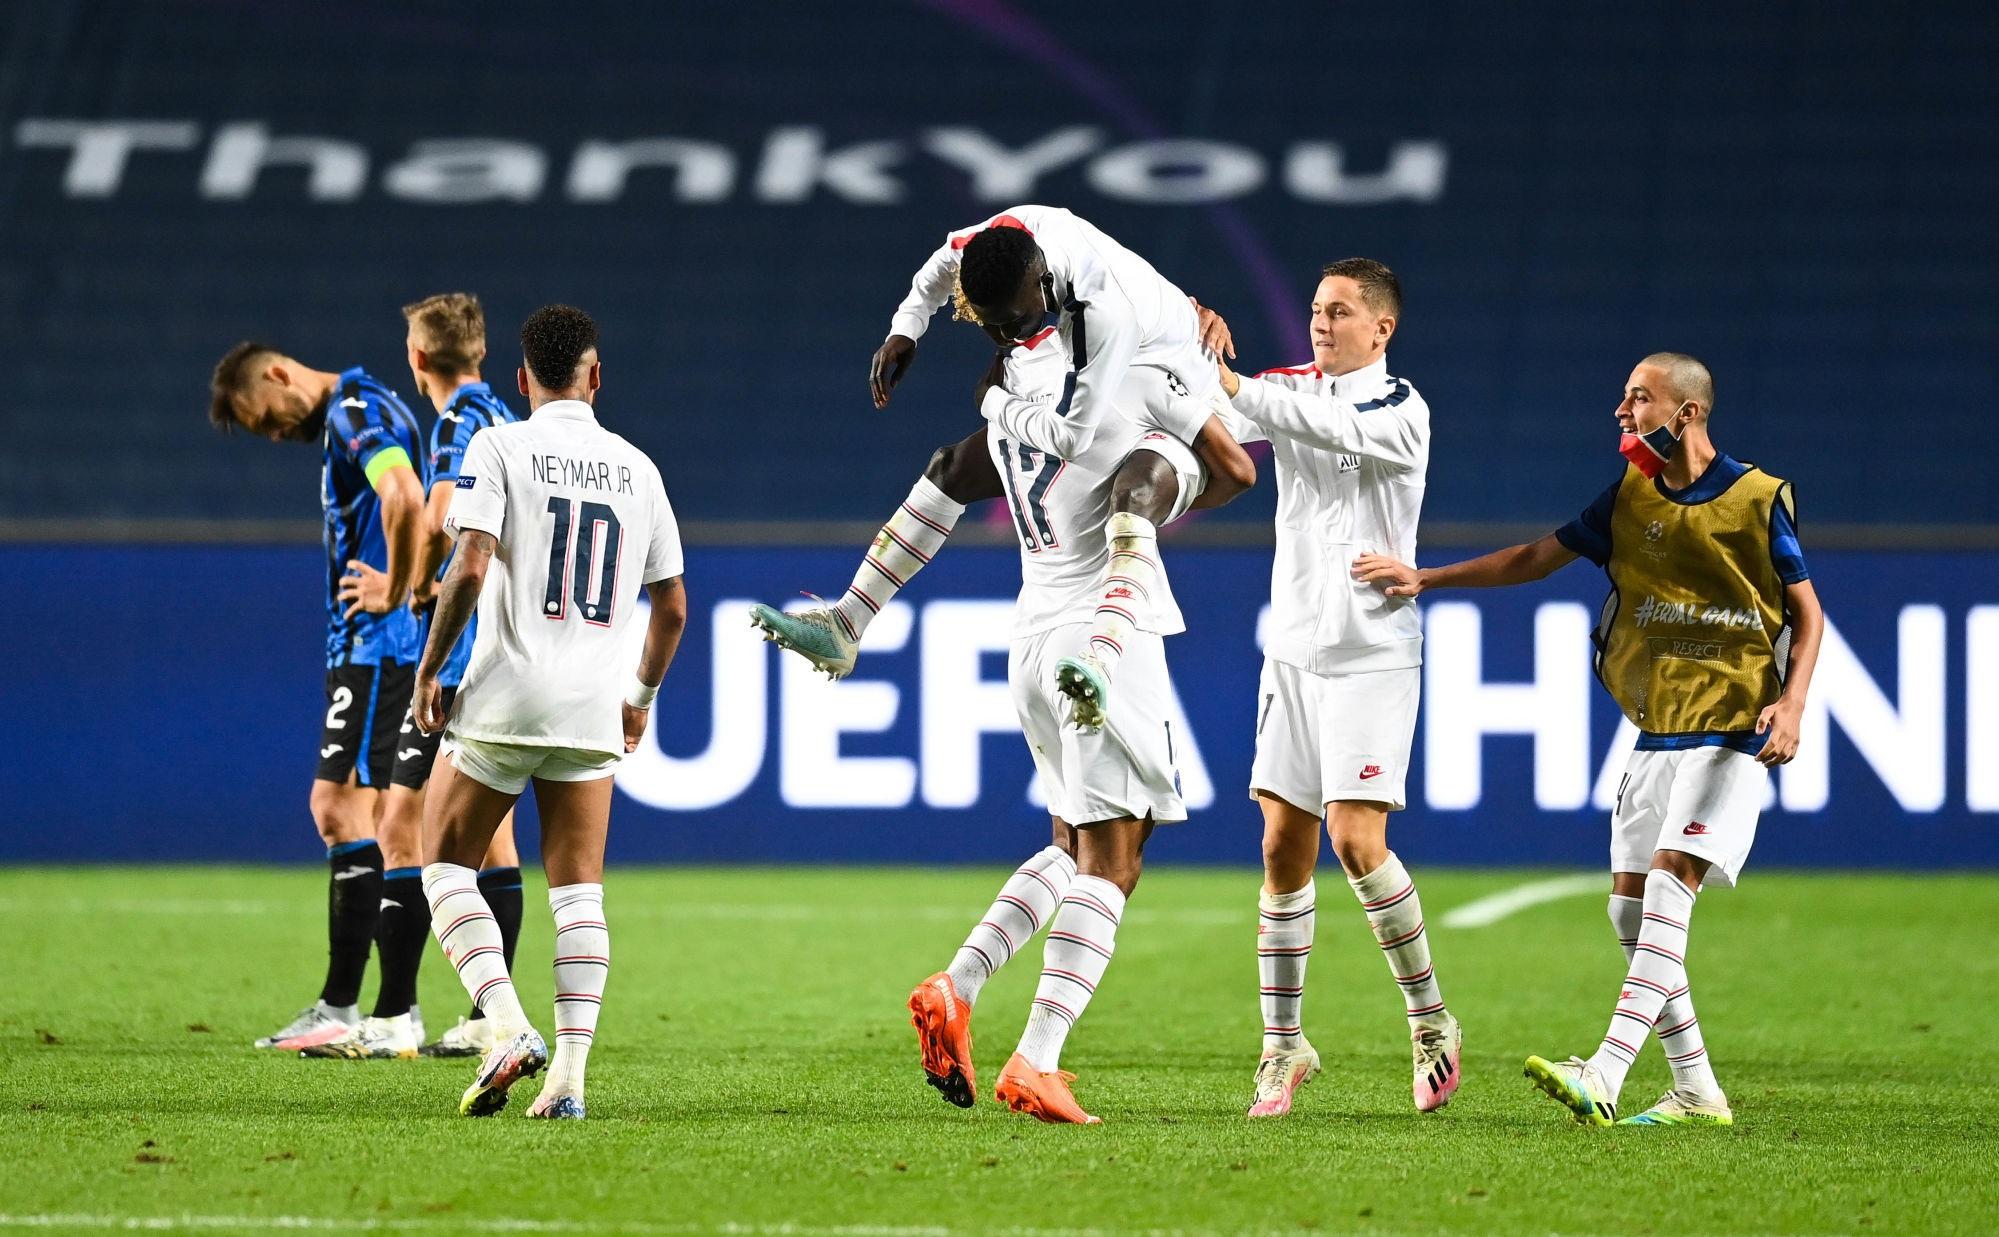 Atalanta/PSG - Qui est le joueur du match selon vous ?